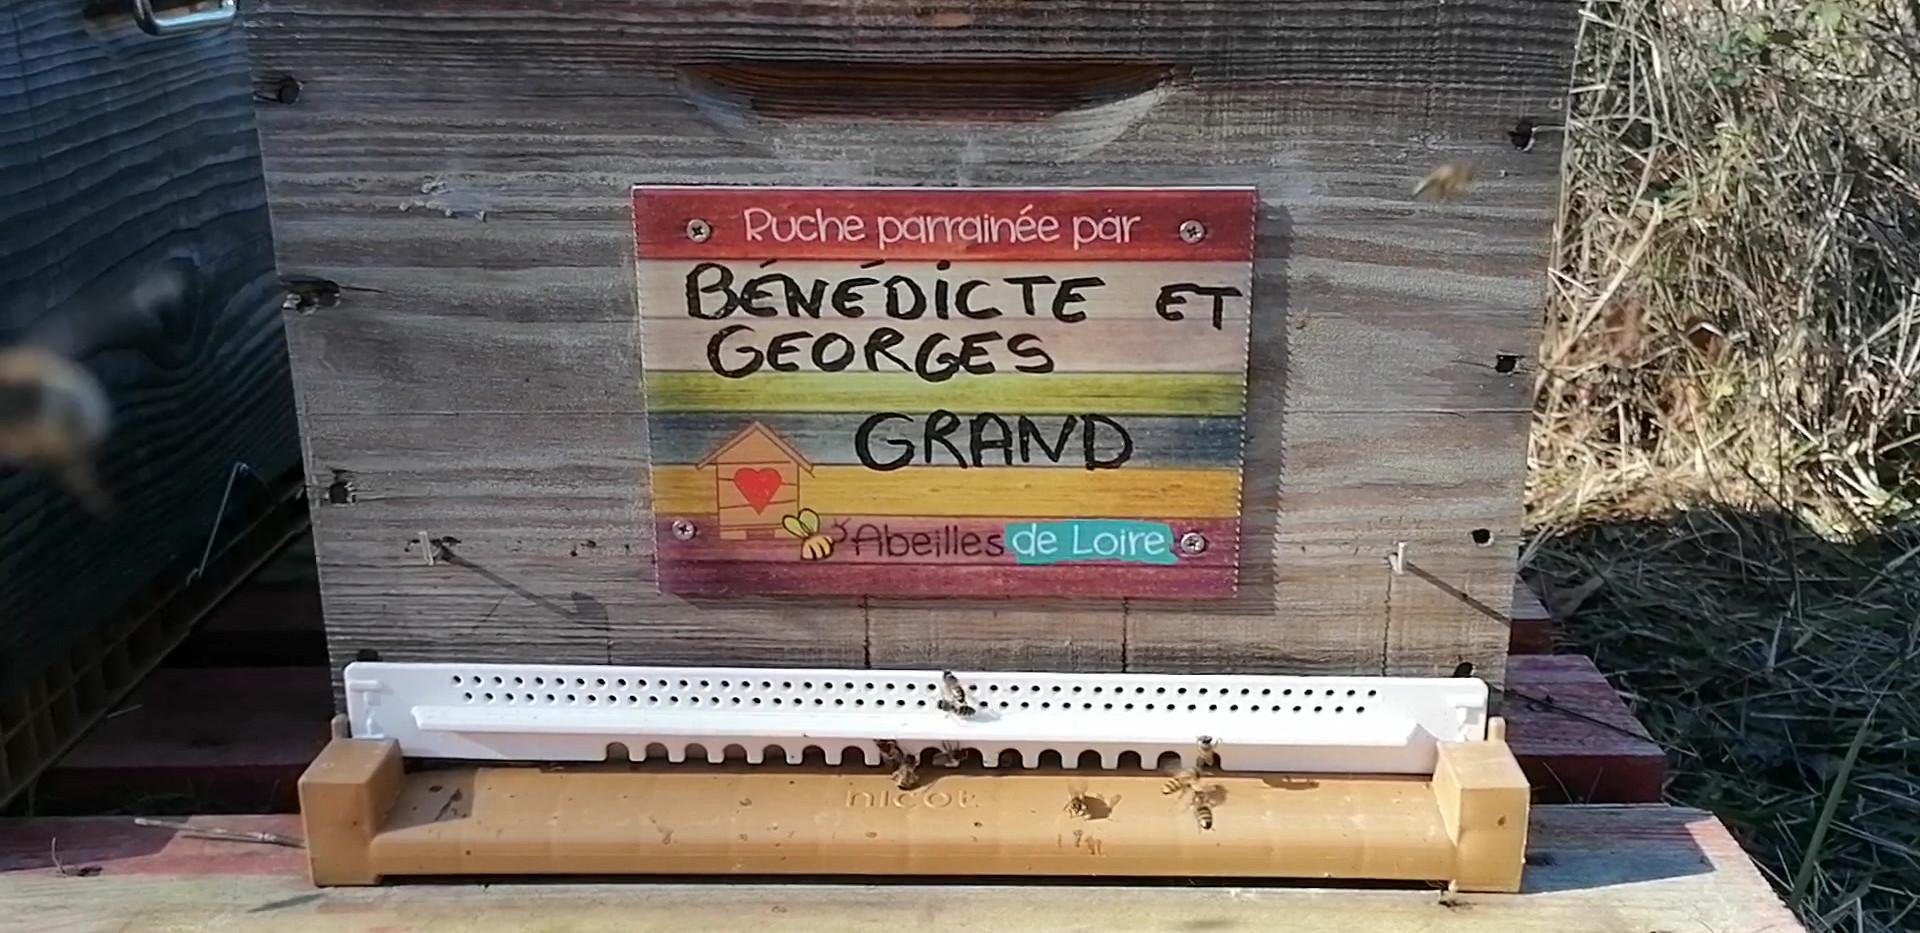 GRAND Bénédicte et Georges